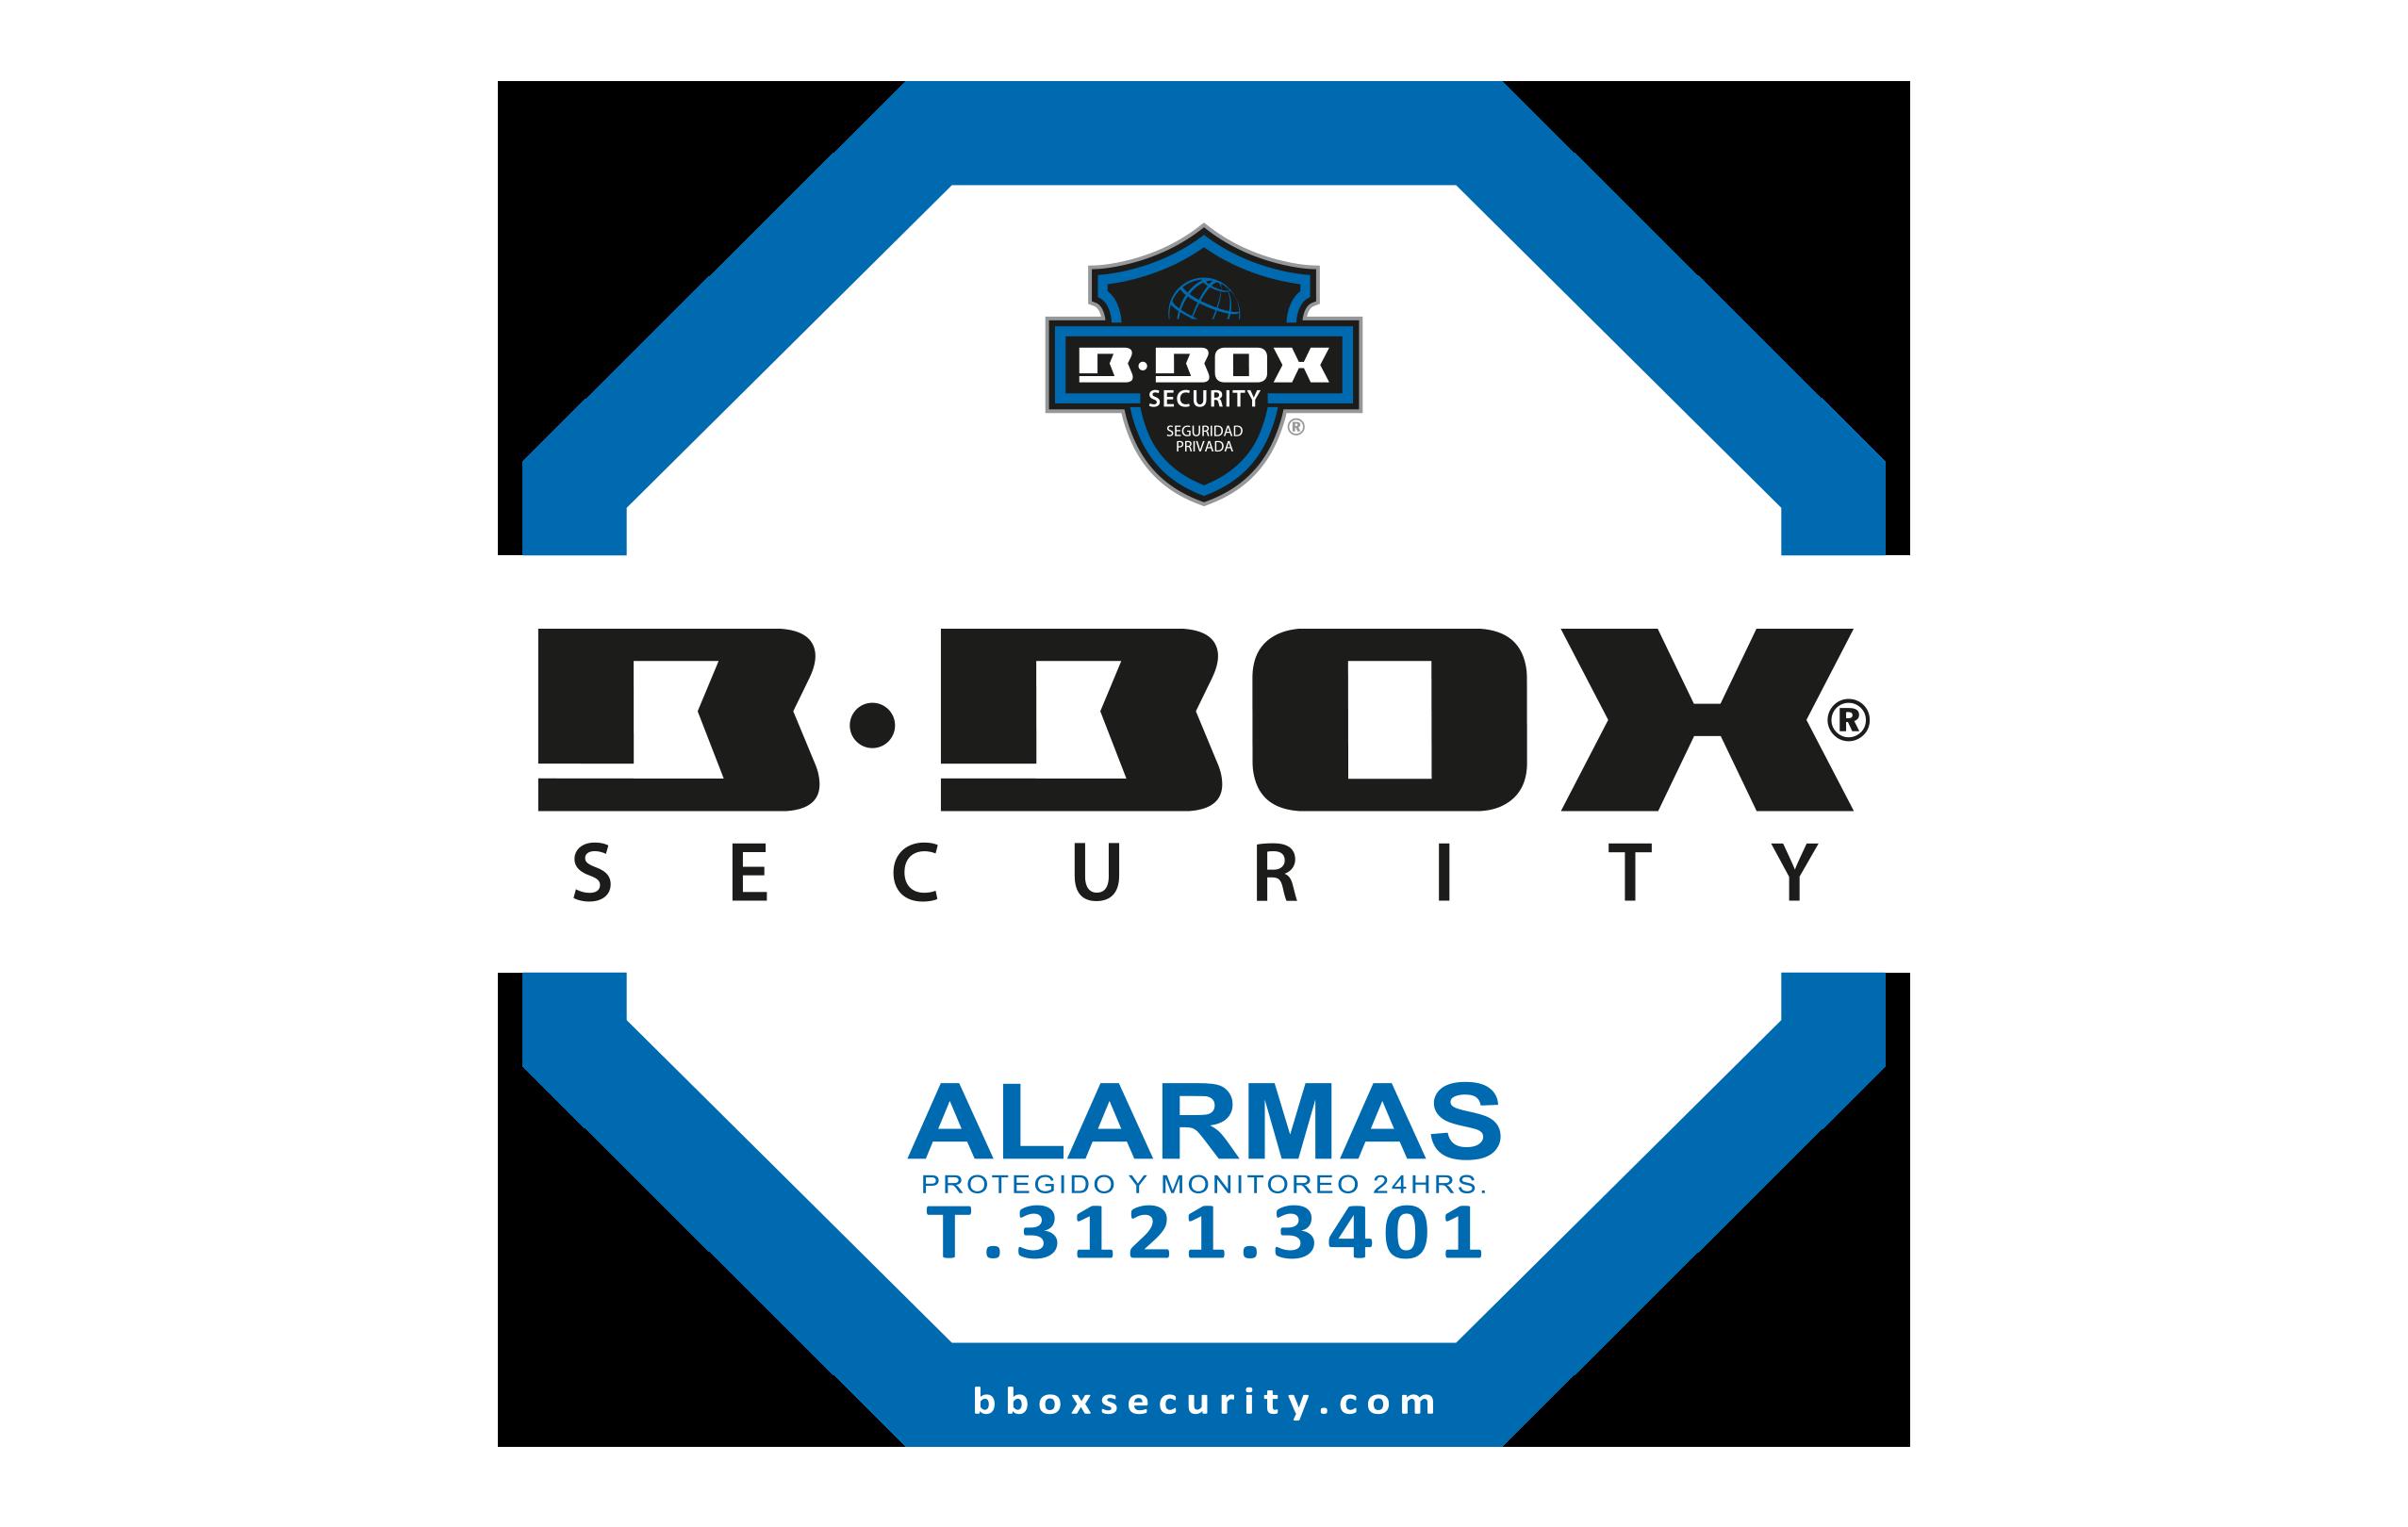 BBOX Security Seguridad monitoreo de alarma logo - Servicio de Monitoro de Alarma en Guadalajara | BBOX Security